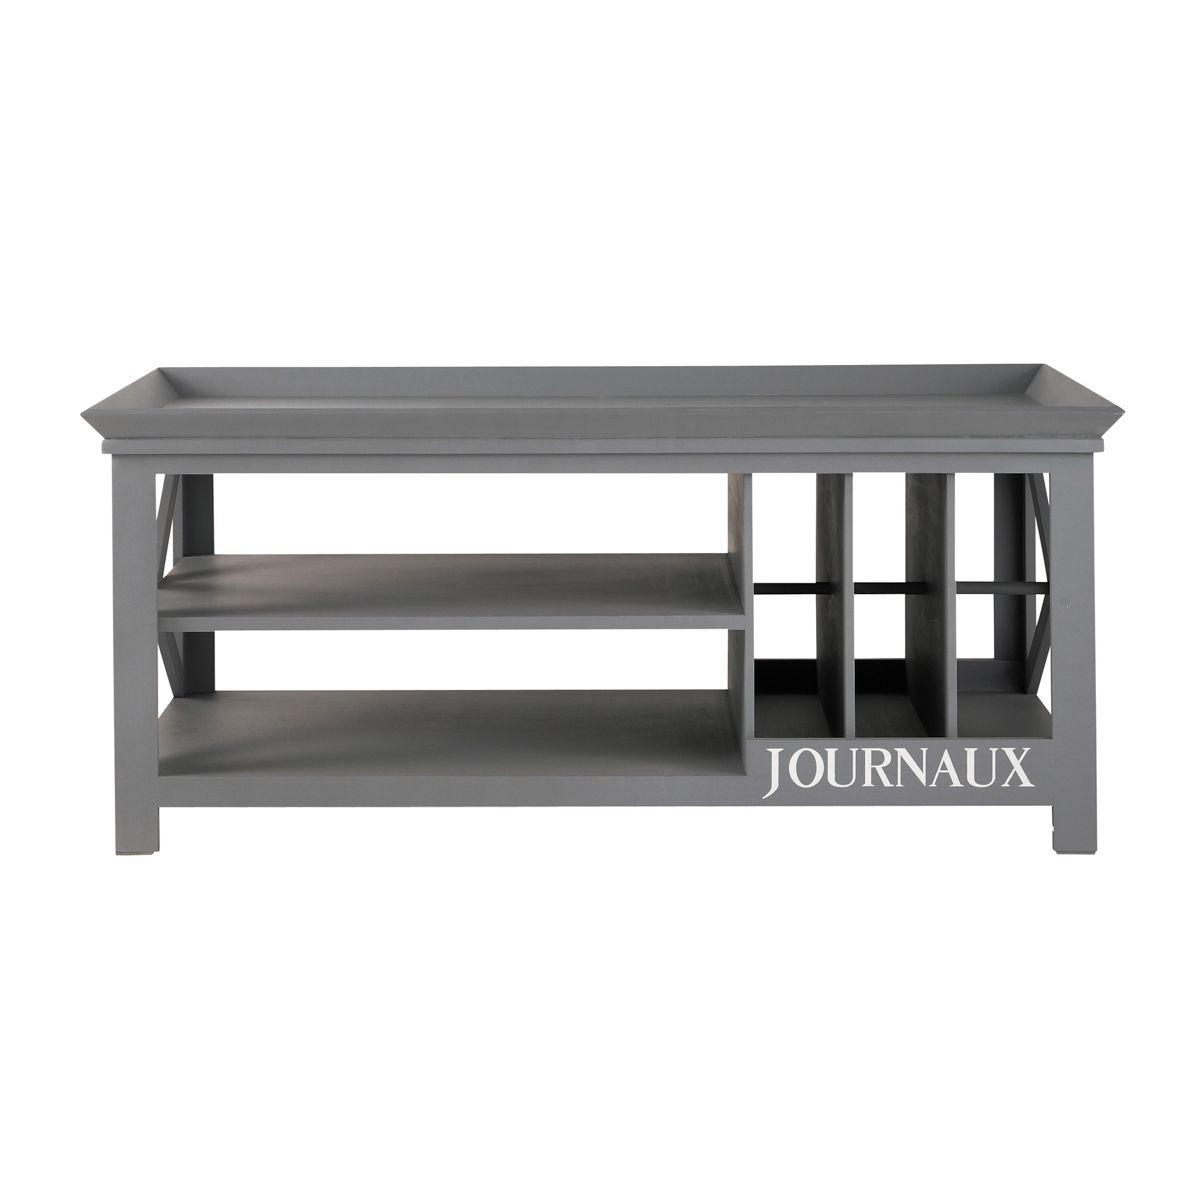 table basse journaux bois gris newport